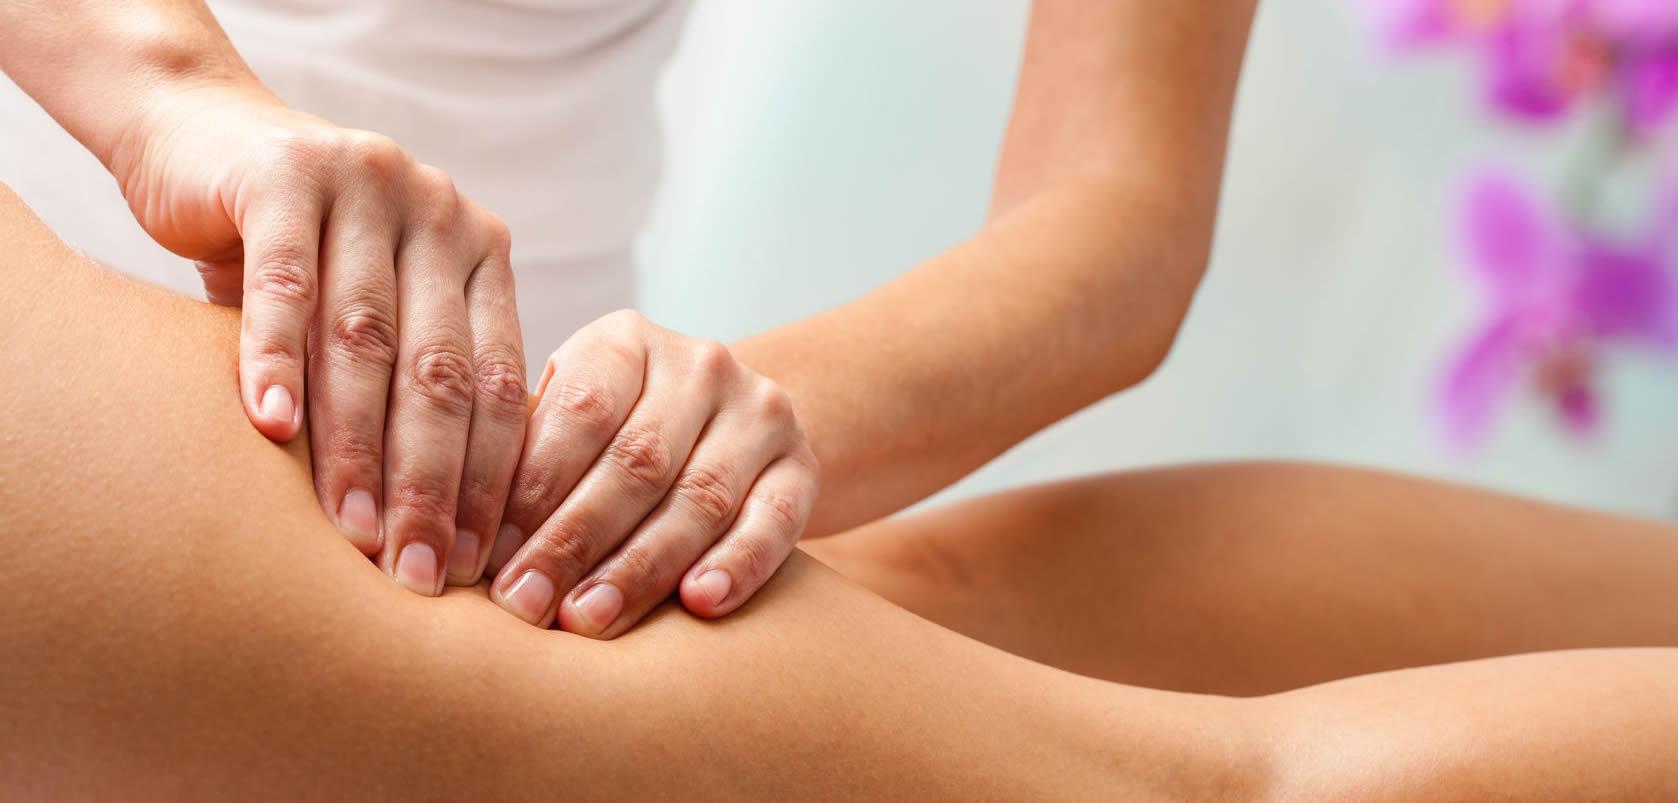 Как правильно делать массаж от целлюлита